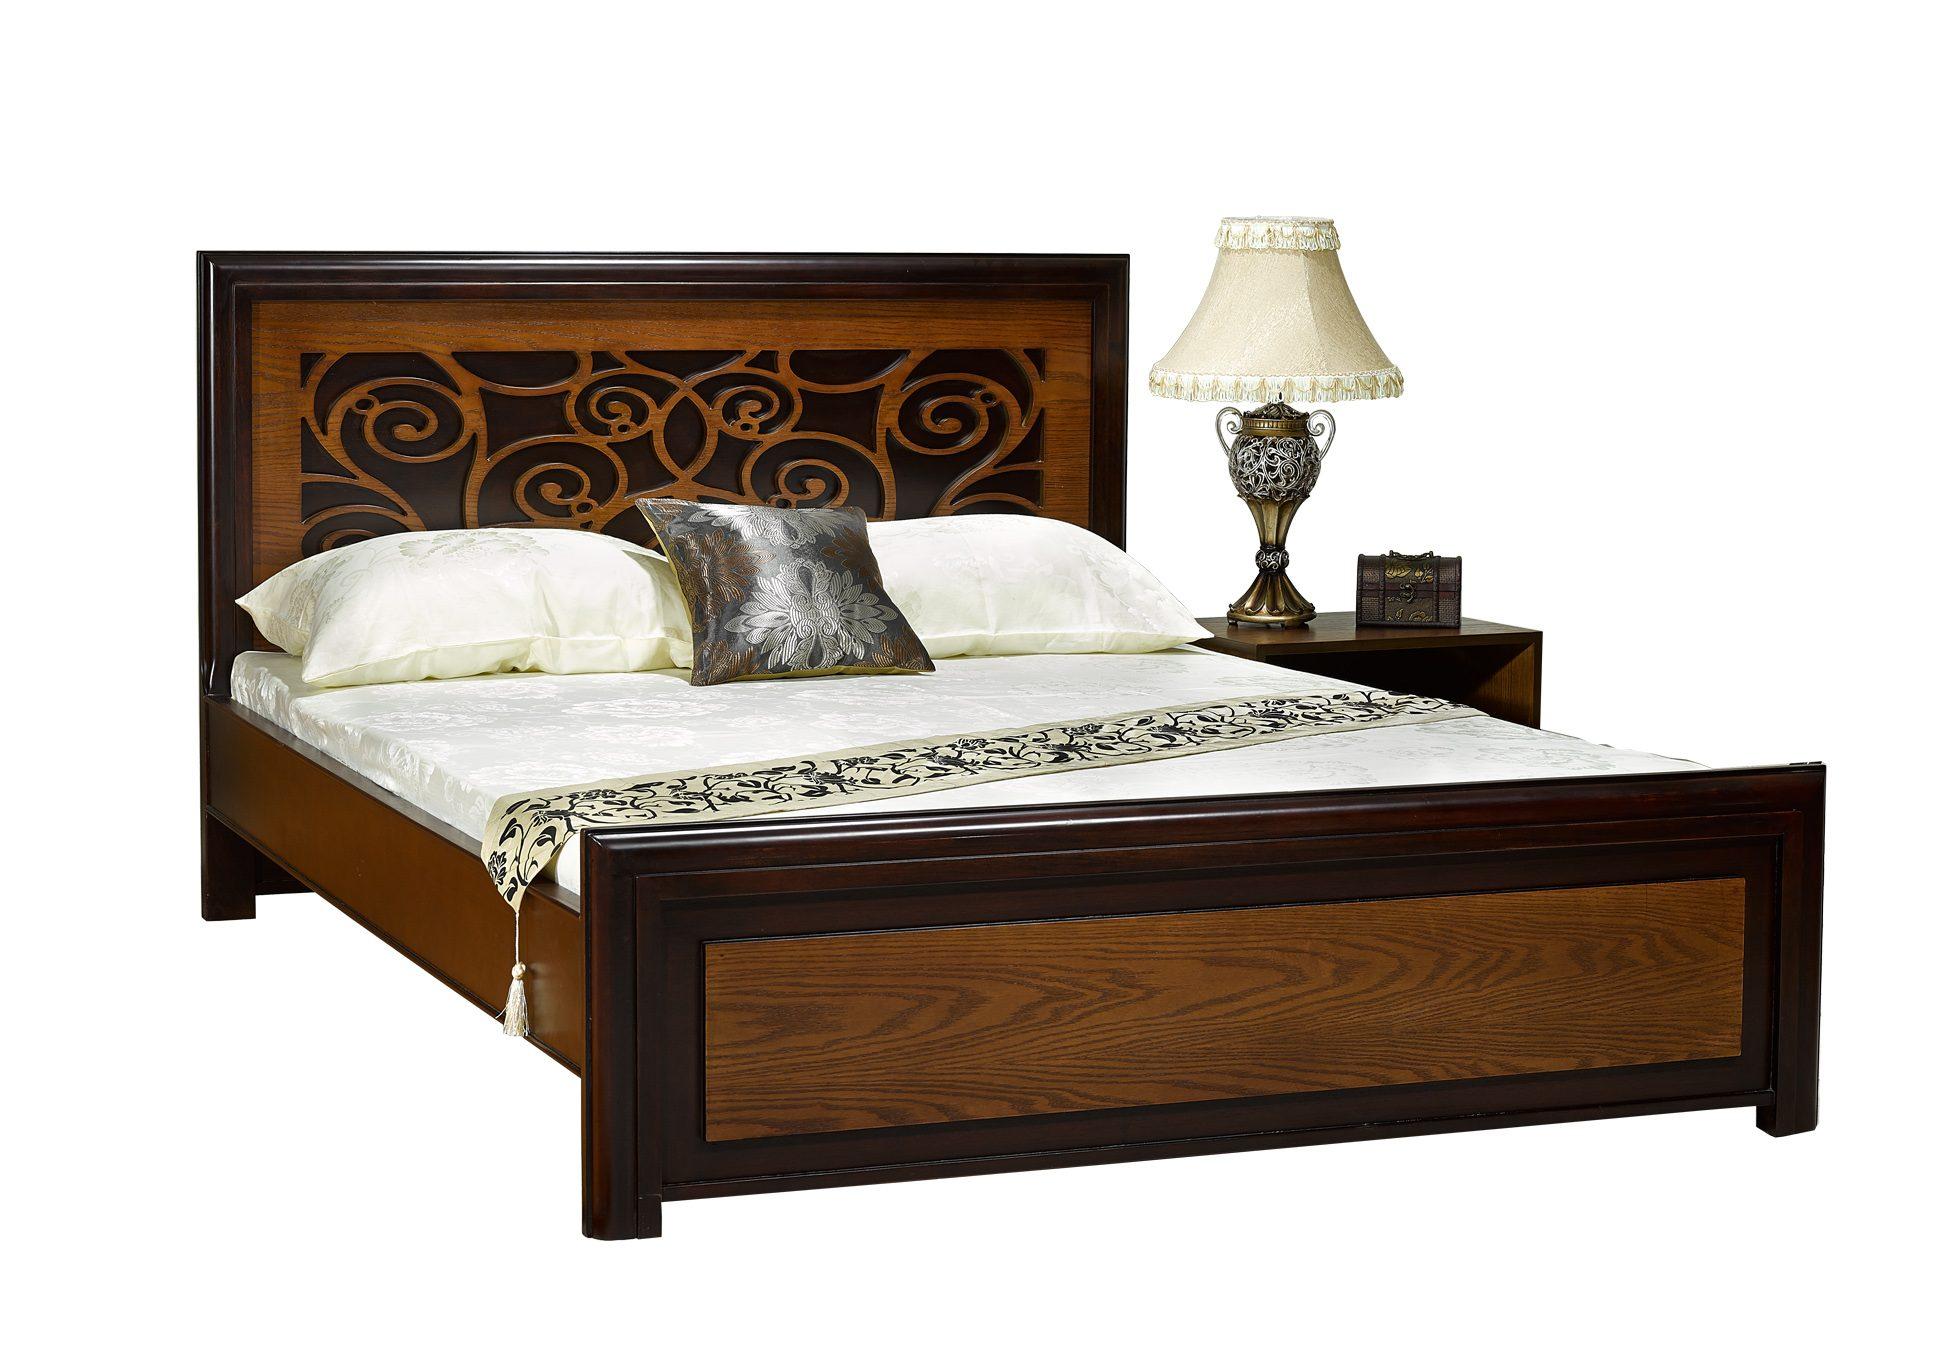 Paco Series Partex Furniture